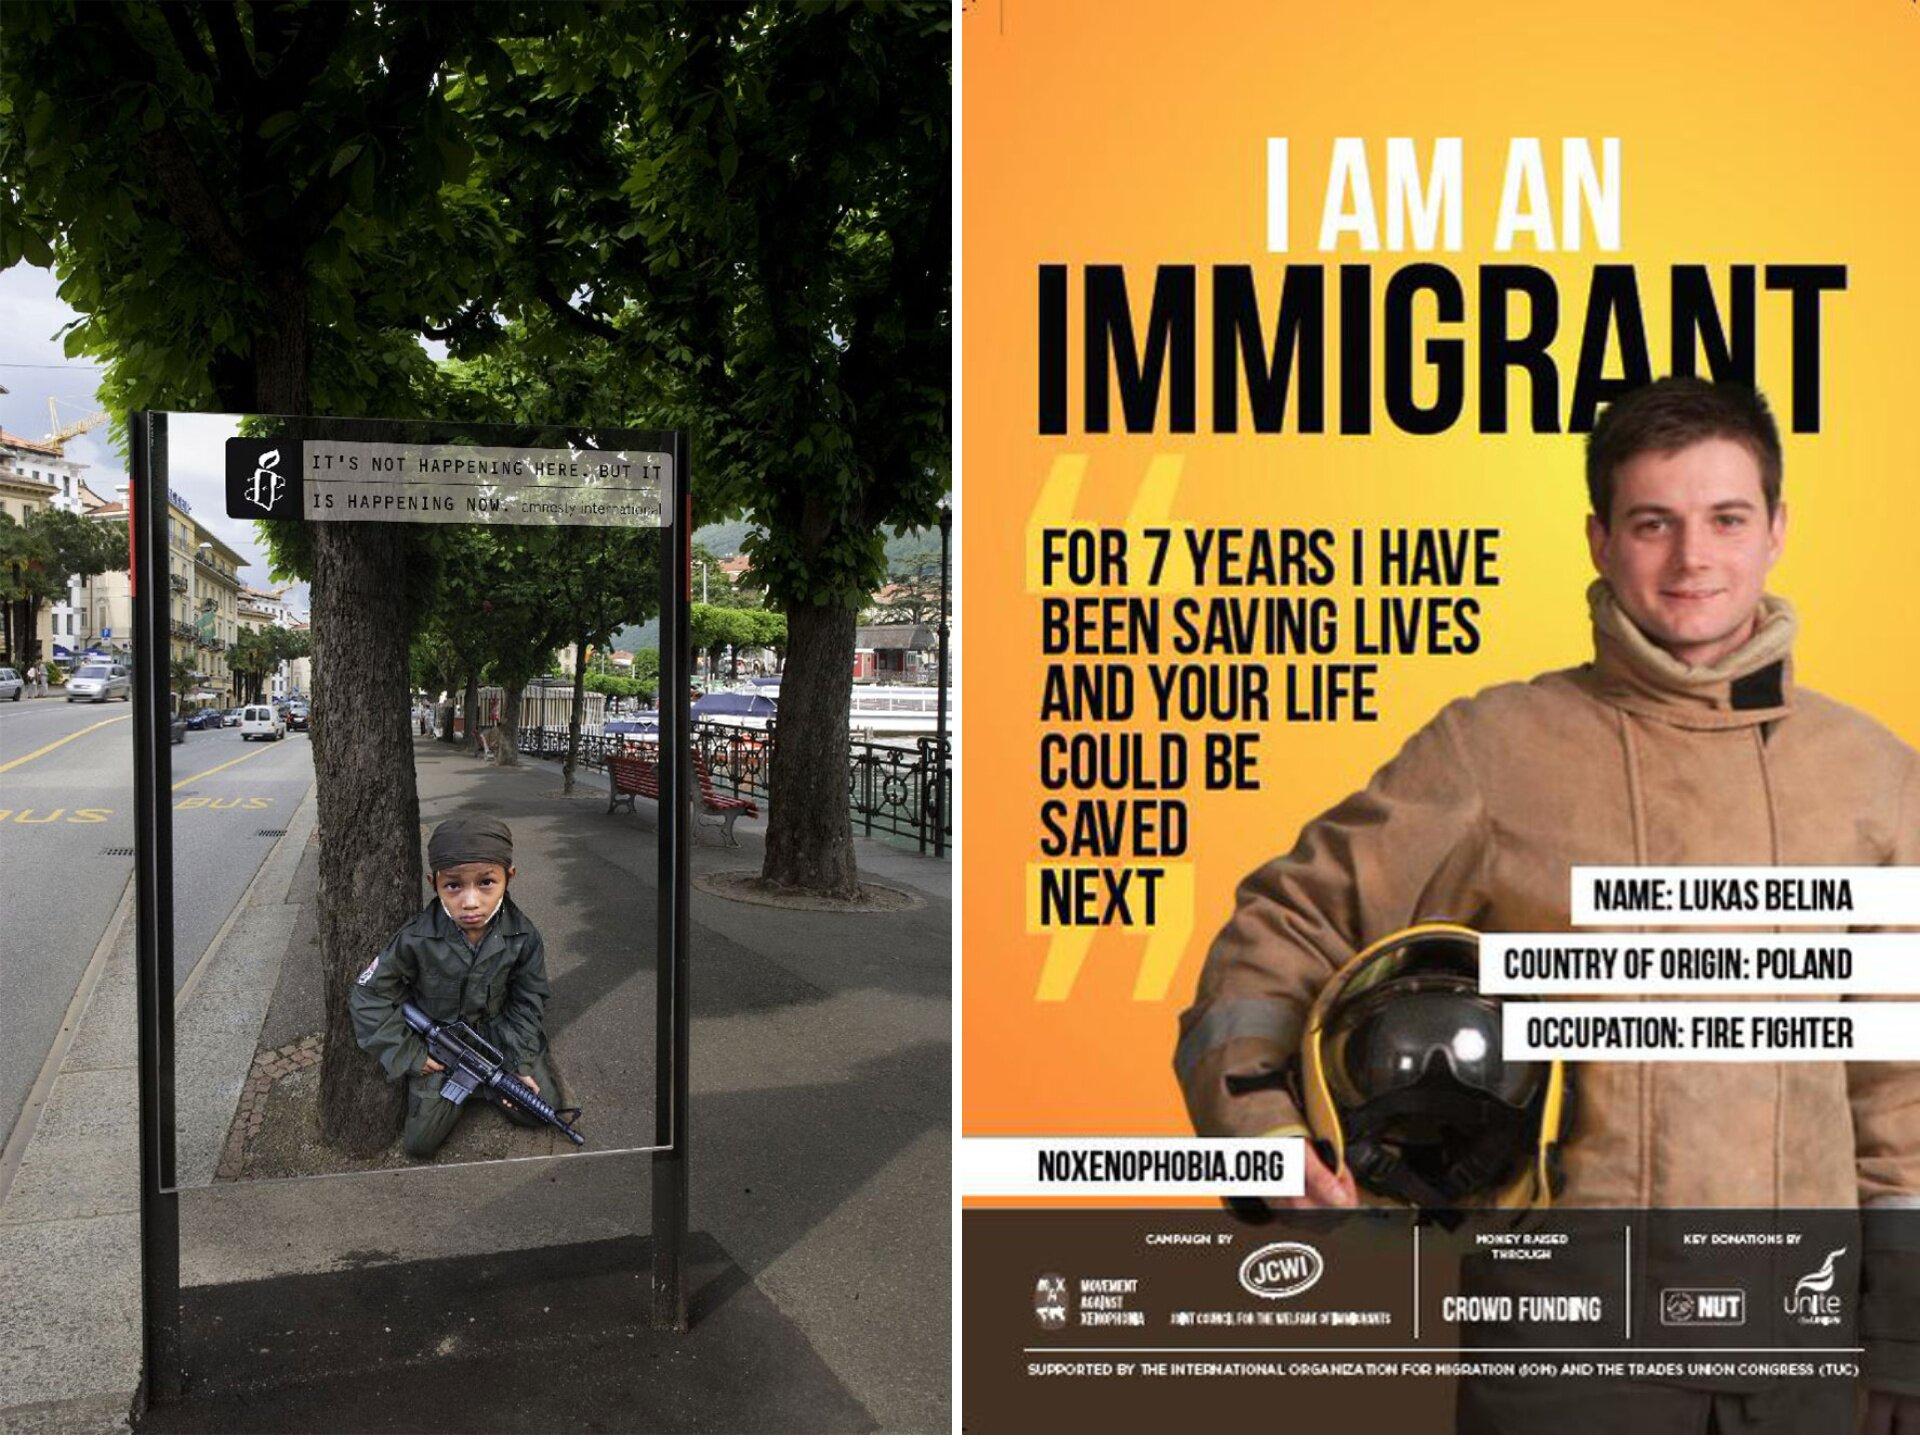 """Ilustracja przedstawia dwie reklamy. Zlewej strony reklamę zwracająca uwagę na dzieci-żołnierzy: Na zdjęciu jest smutny chłopczyk trzymający karabin. Nad nim jest napis: """"It's Not Happening Here, But It's Happening Now"""". Reklama społeczna zprawej strony przedstawia młodzieńca wkombinezonie inapisy: """"I am an immigrant. For 7 years Ihave been saving lives and your live could be saved next""""."""